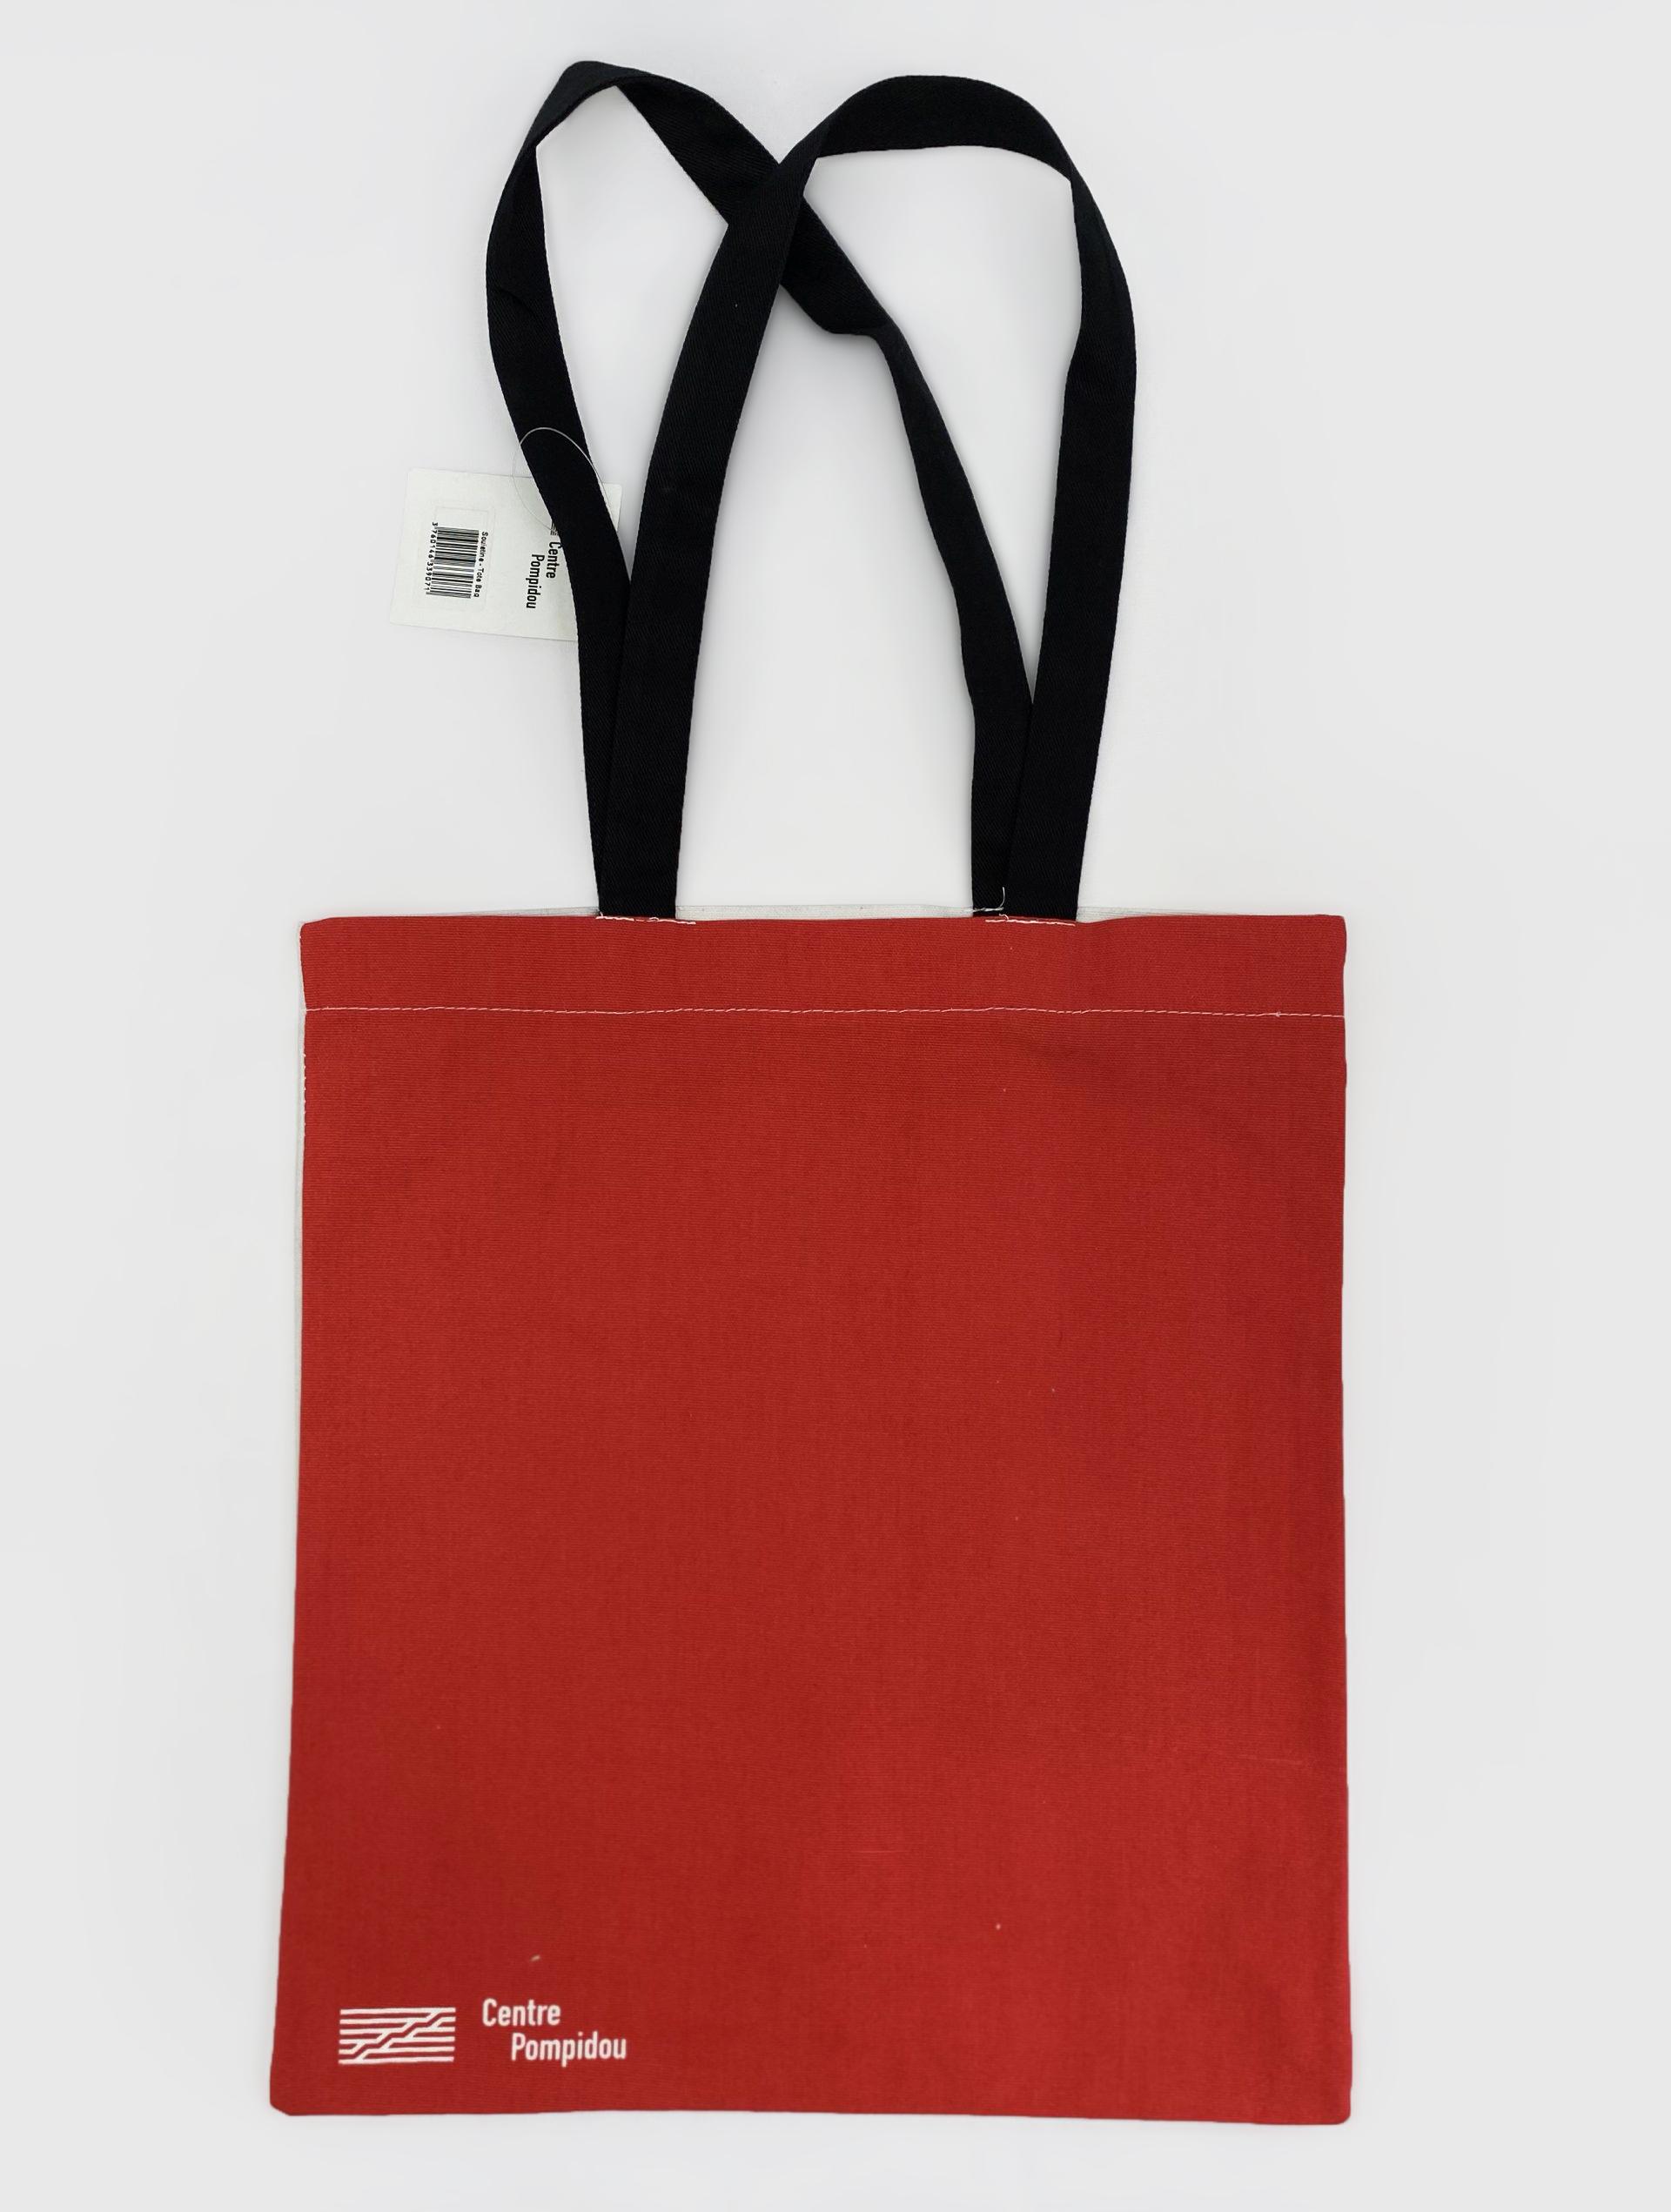 Centre Pompidou tote bag